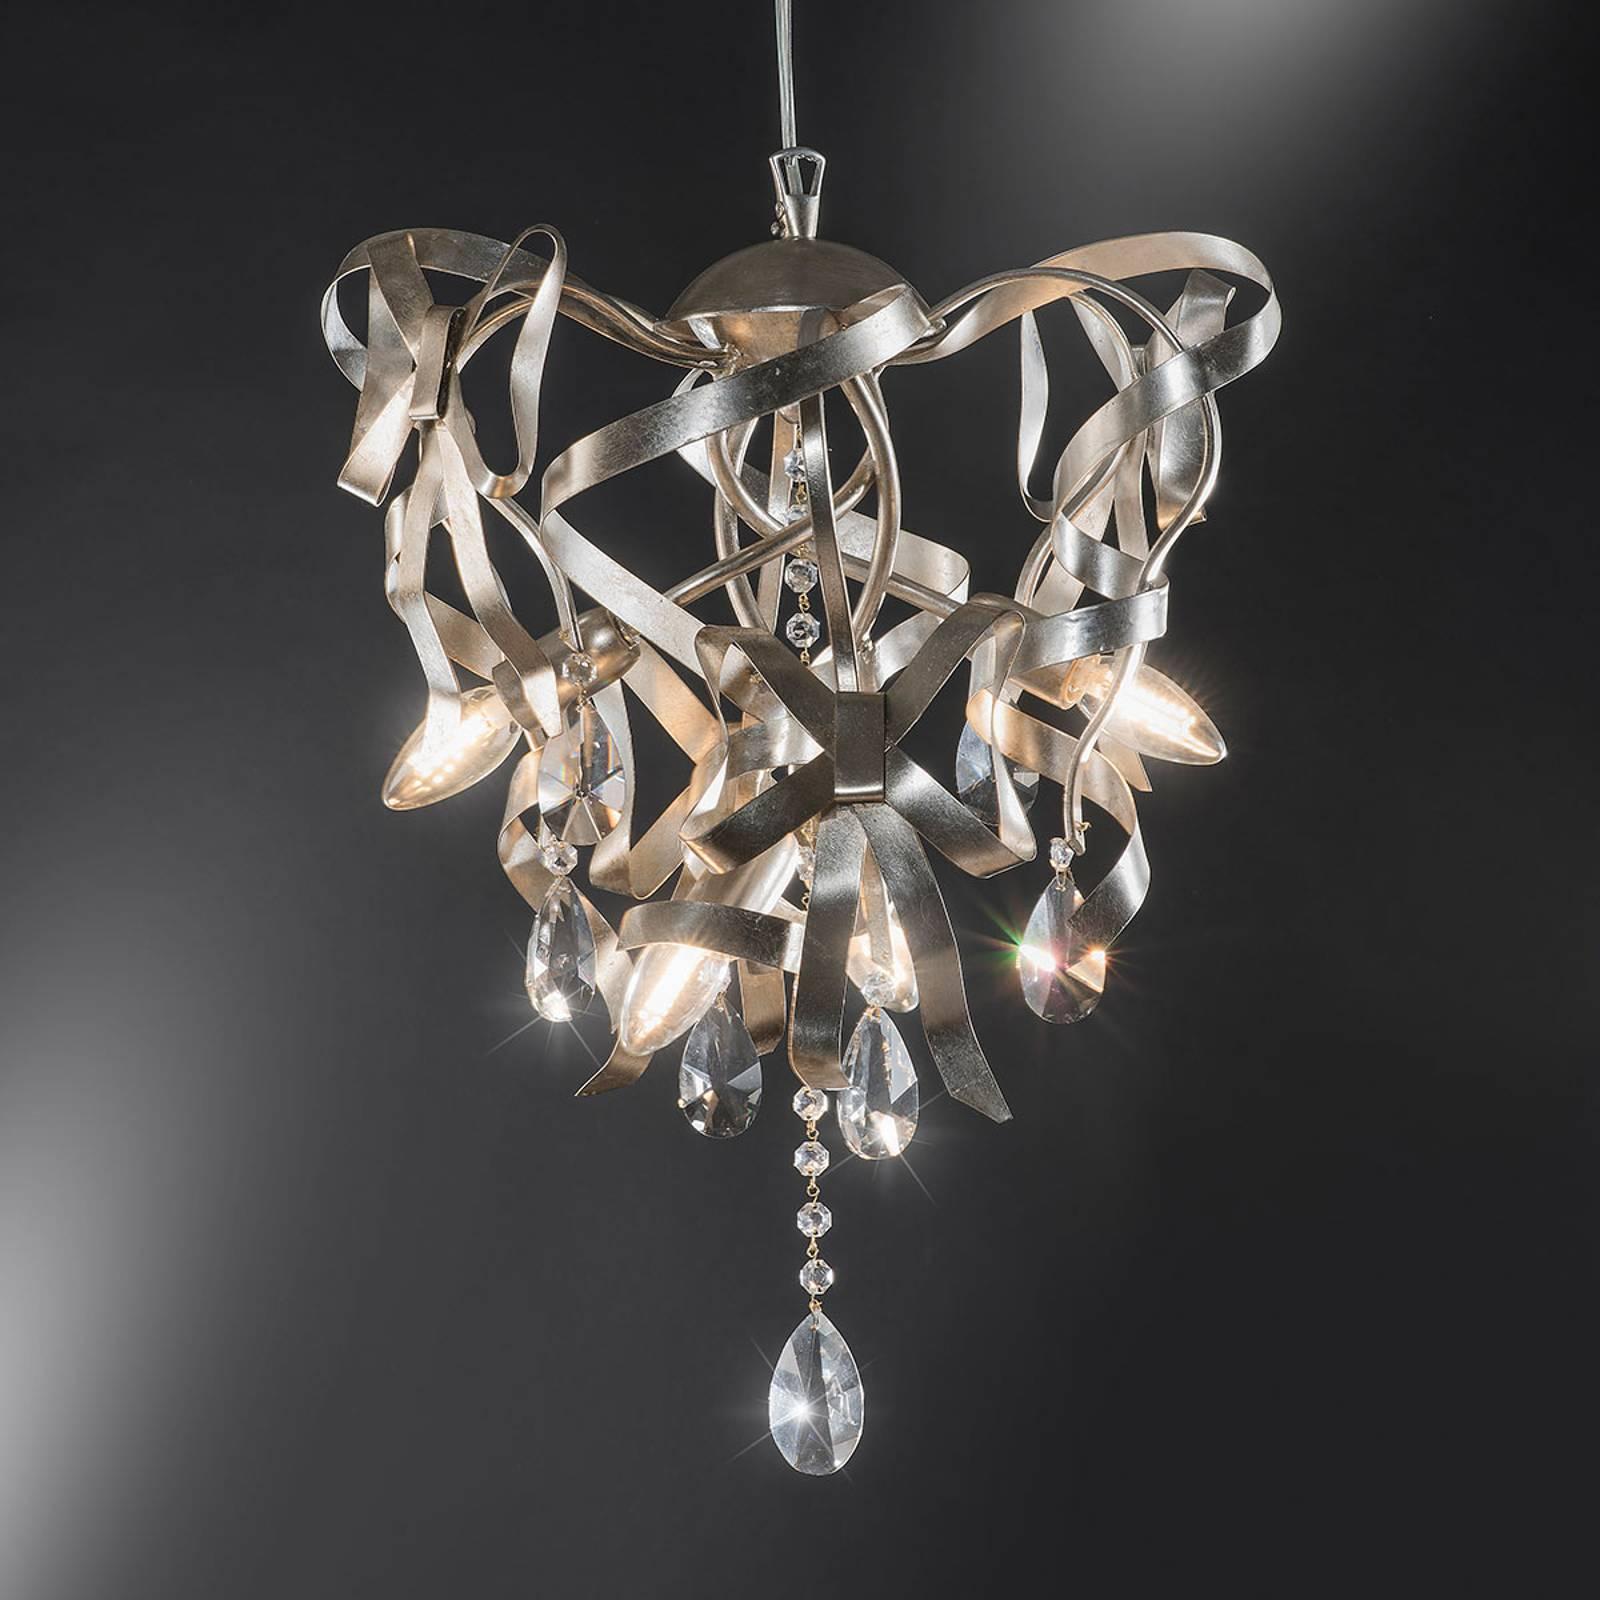 Lampa wisząca 21/4 S płatkowe srebro i kryształy